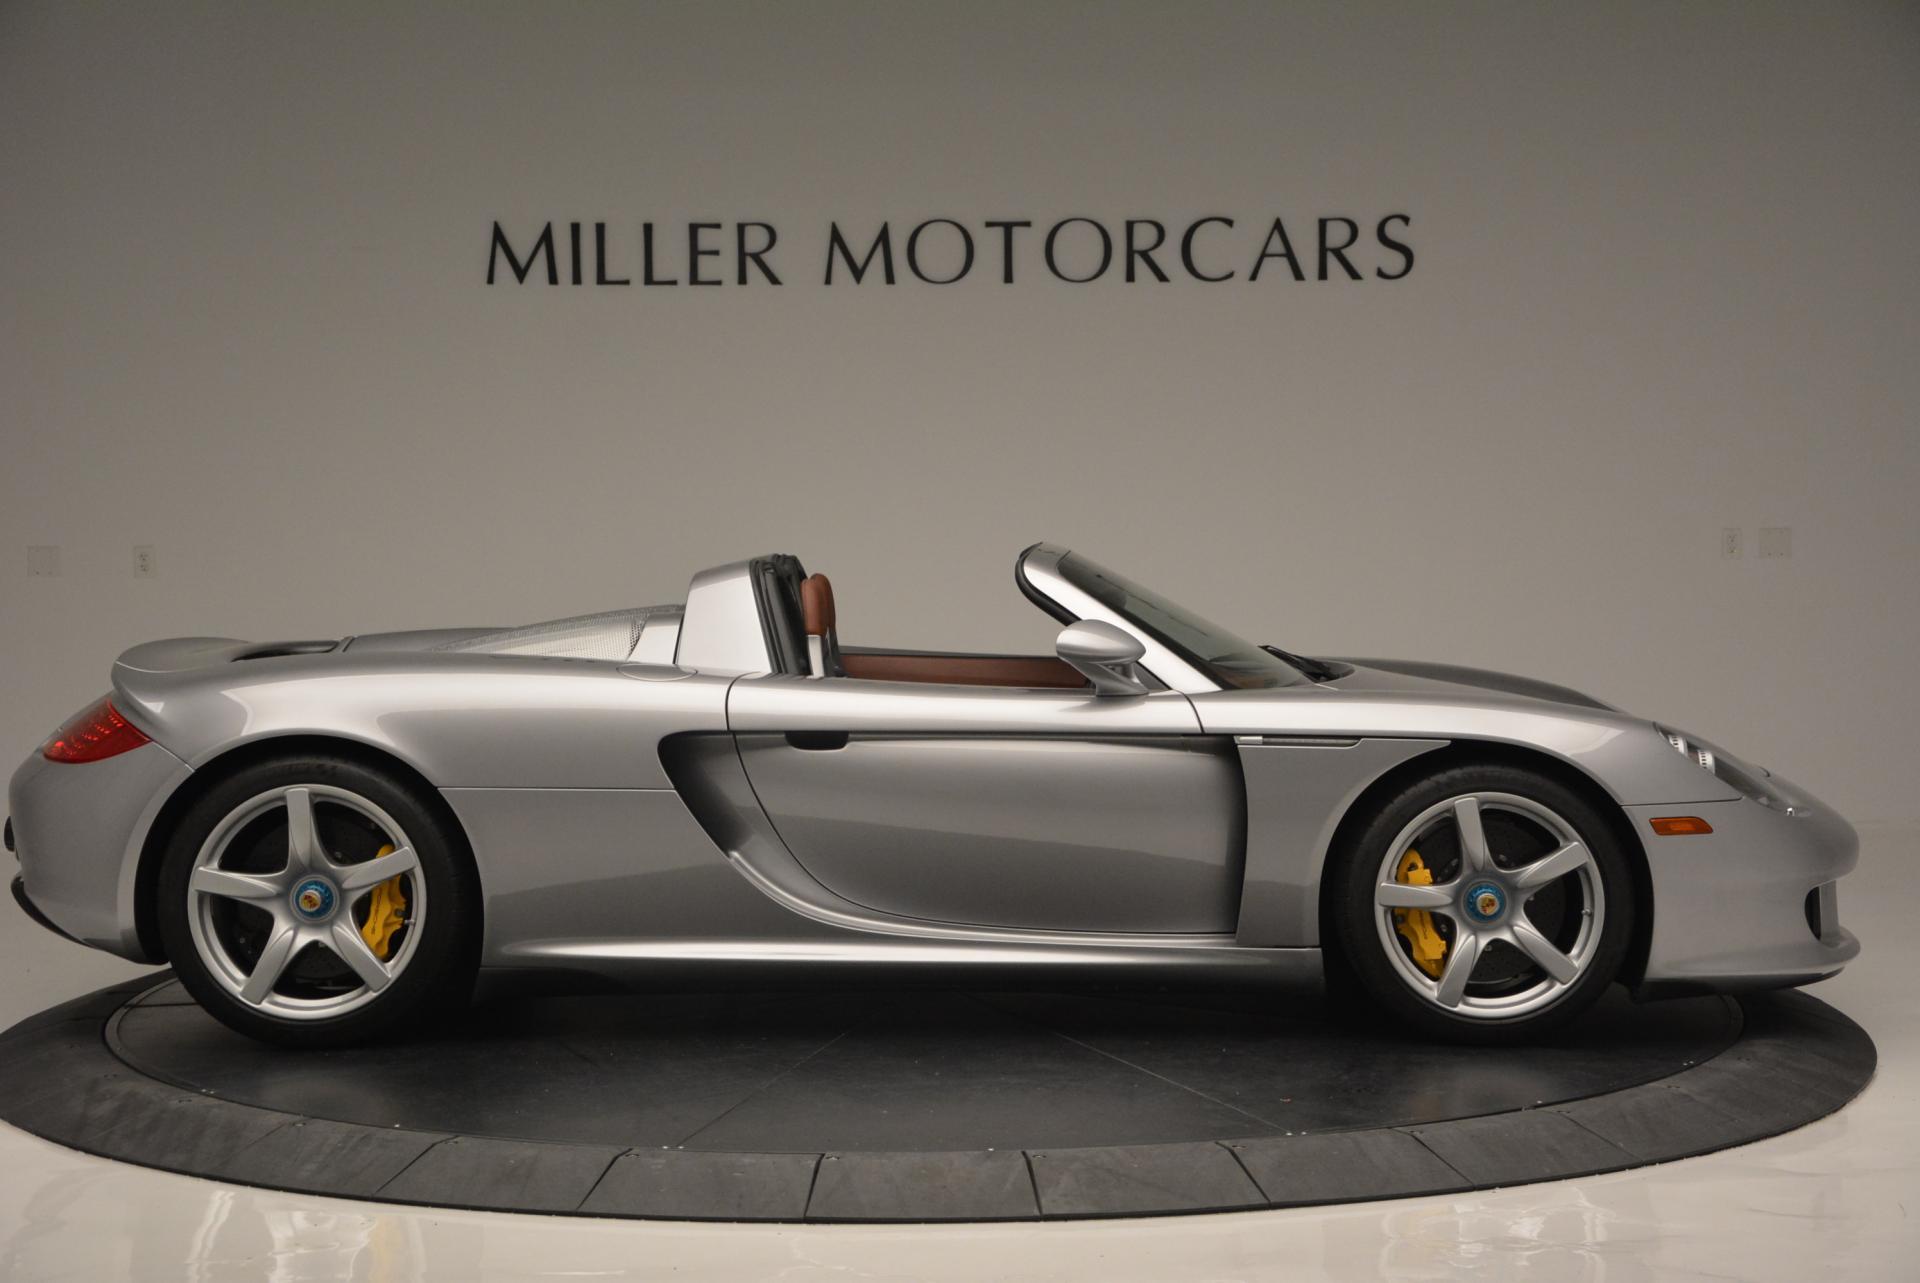 Used 2005 Porsche Carrera GT  For Sale In Greenwich, CT. Alfa Romeo of Greenwich, 7114 108_p13